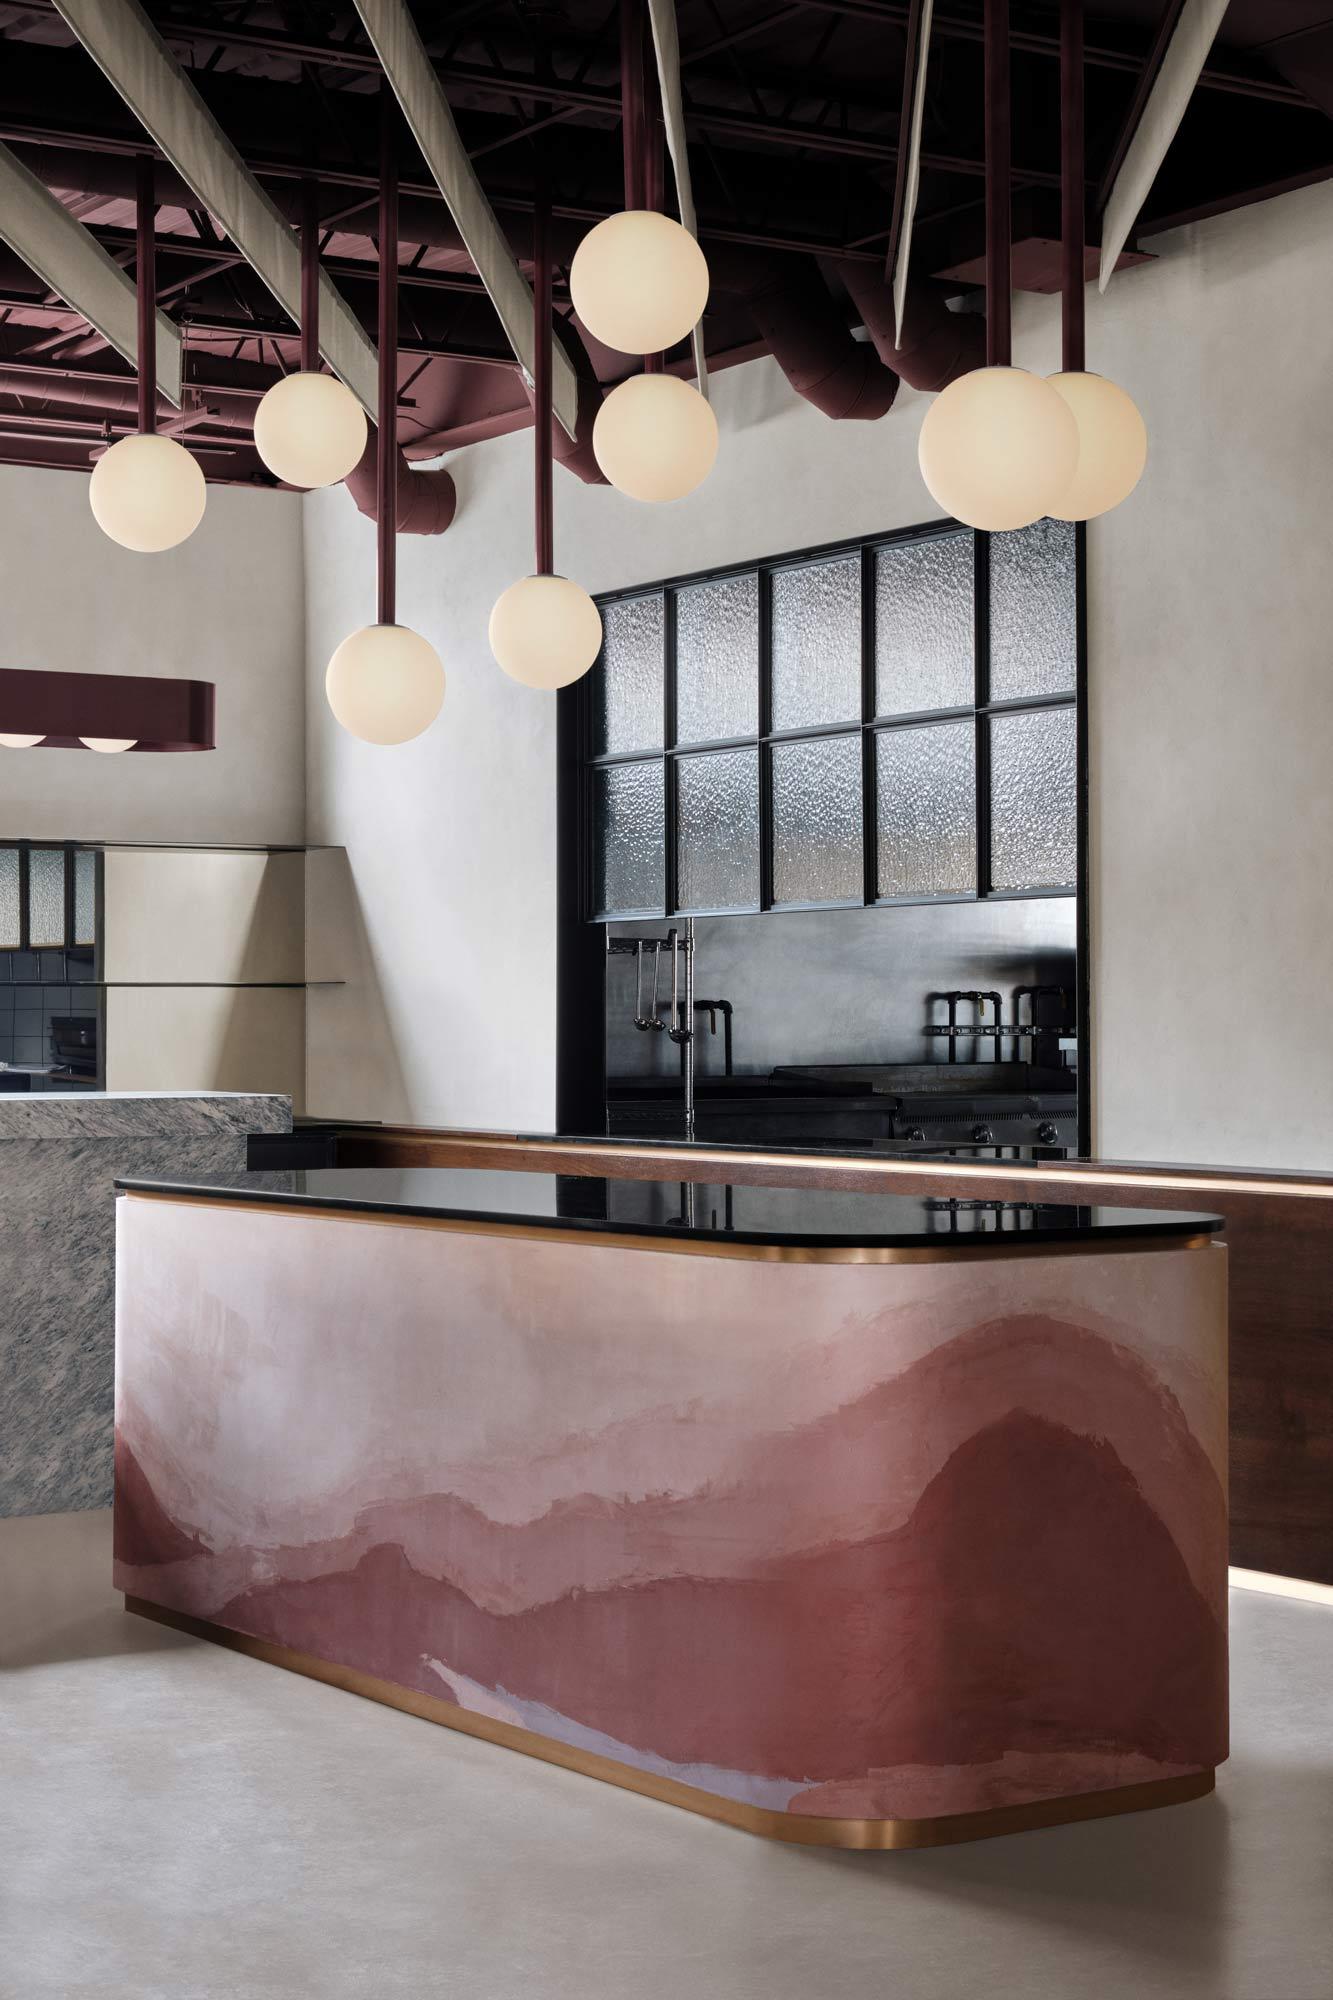 Restaurant Shay von Ivy Studio in Montreal